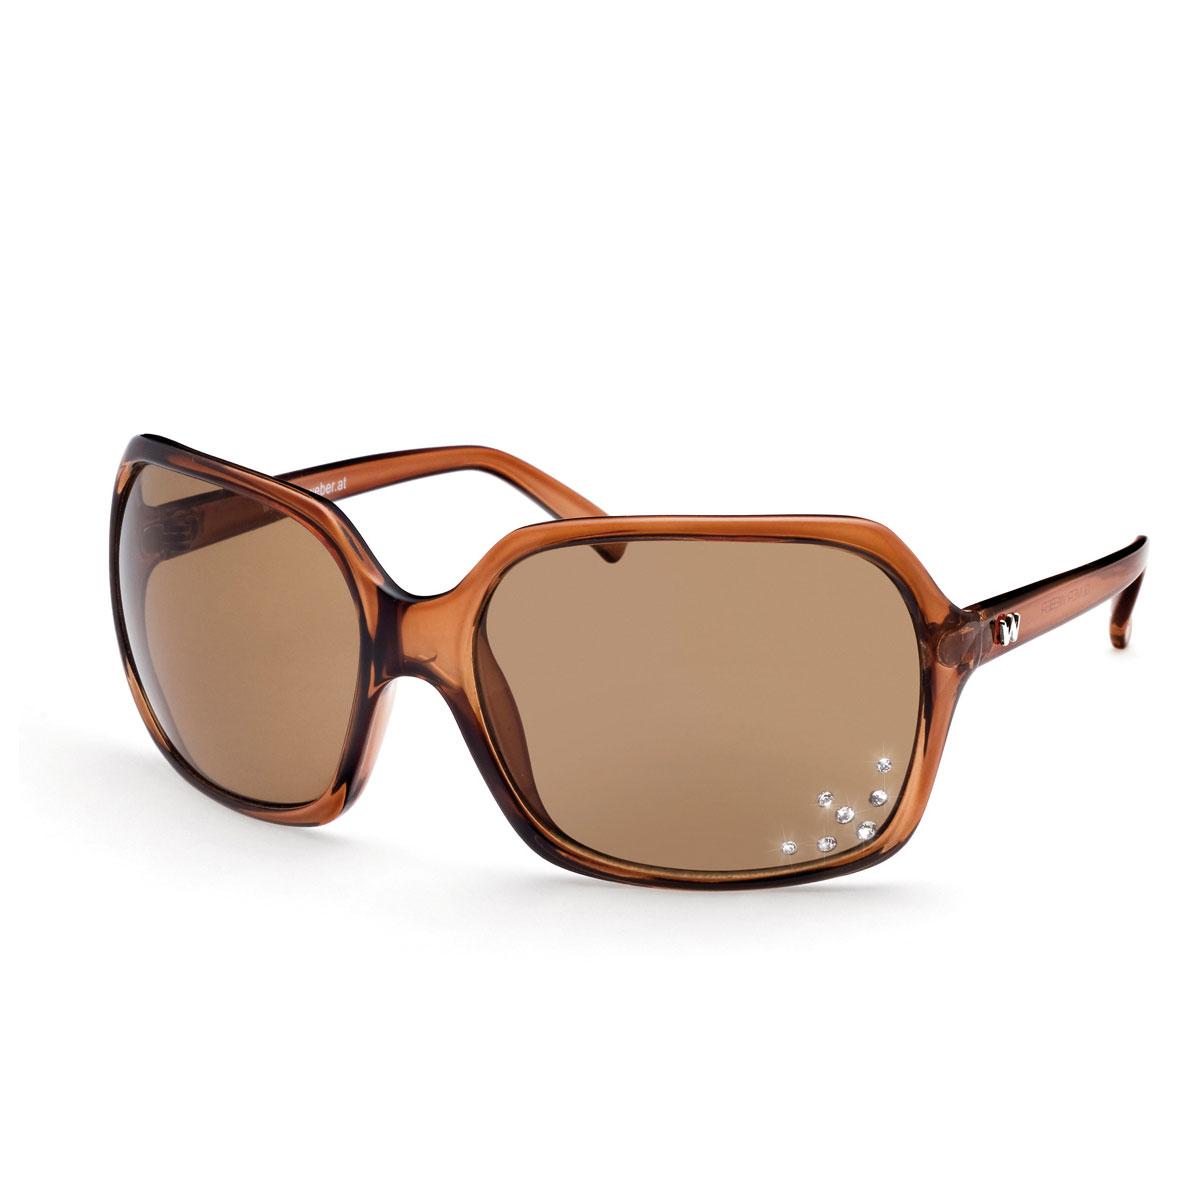 عینک آفتابی مدل اورگان قهوه ای